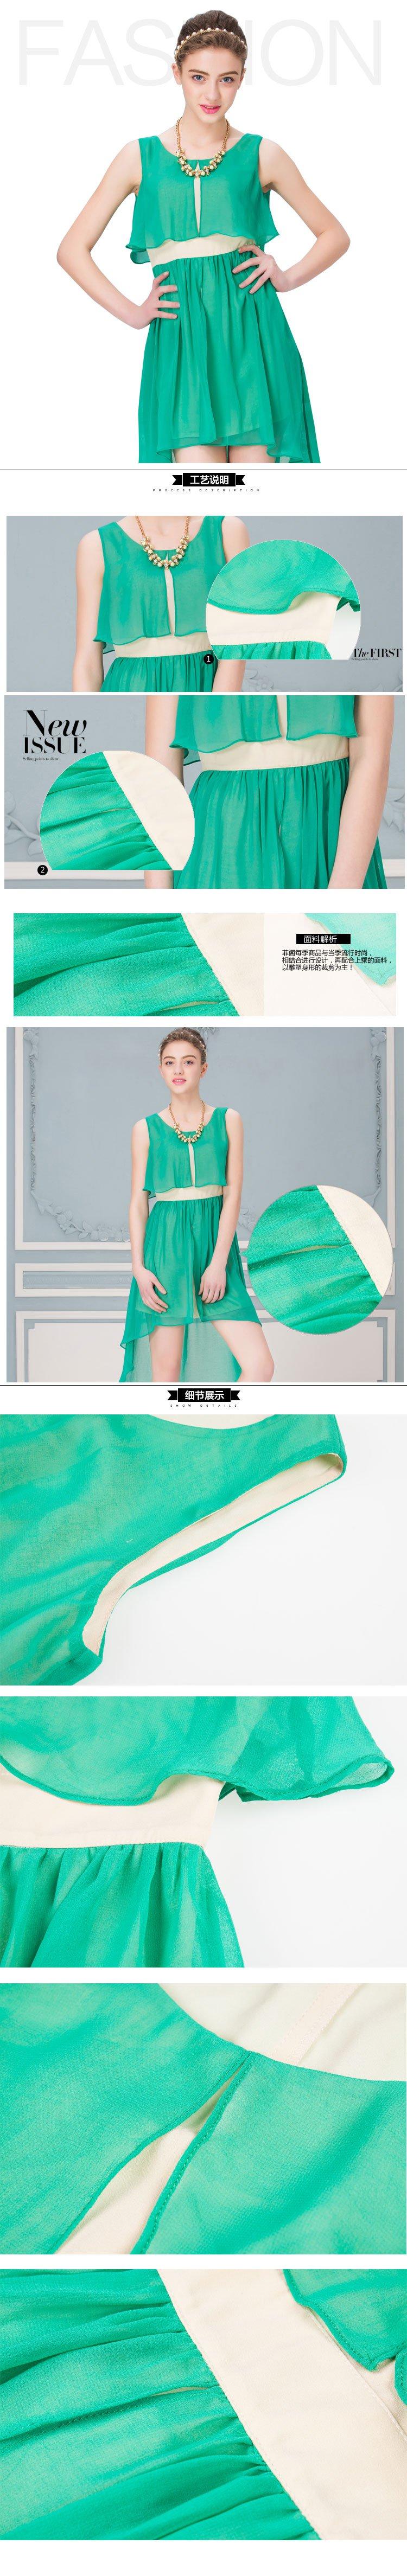 圆领设计,不规则裙摆设计,无袖设计